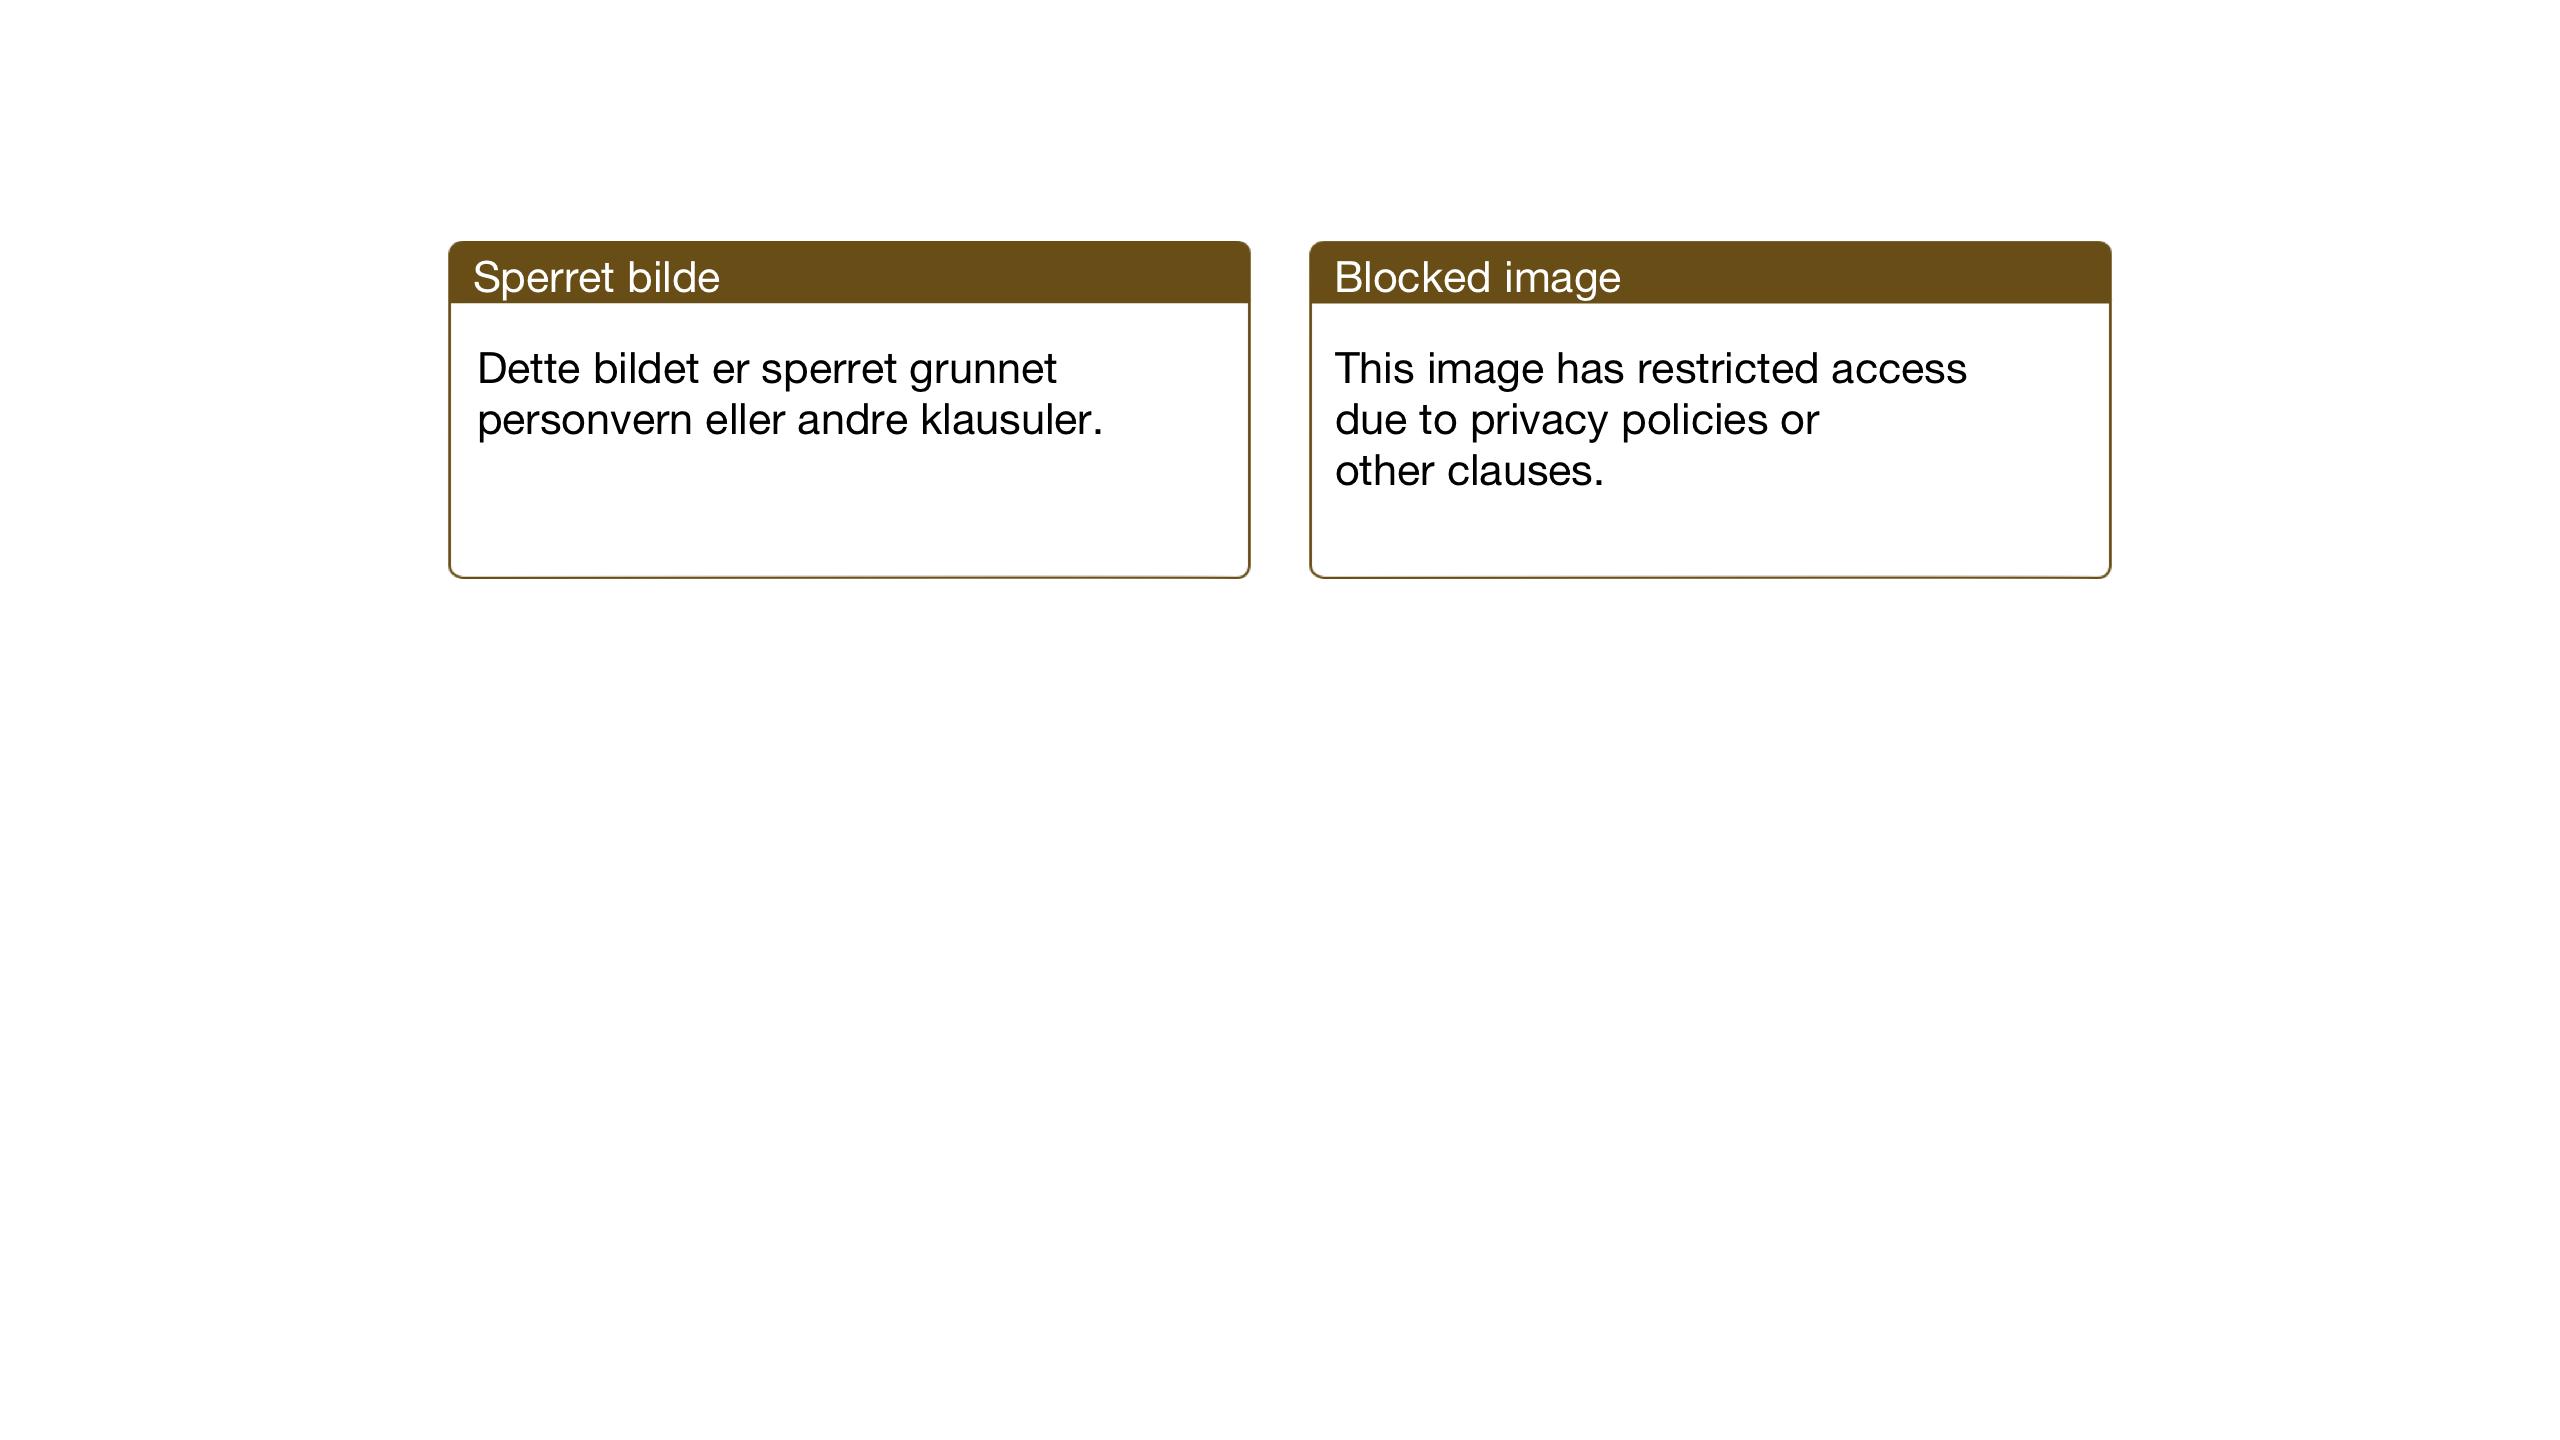 SAT, Ministerialprotokoller, klokkerbøker og fødselsregistre - Nord-Trøndelag, 714/L0136: Klokkerbok nr. 714C05, 1918-1957, s. 24